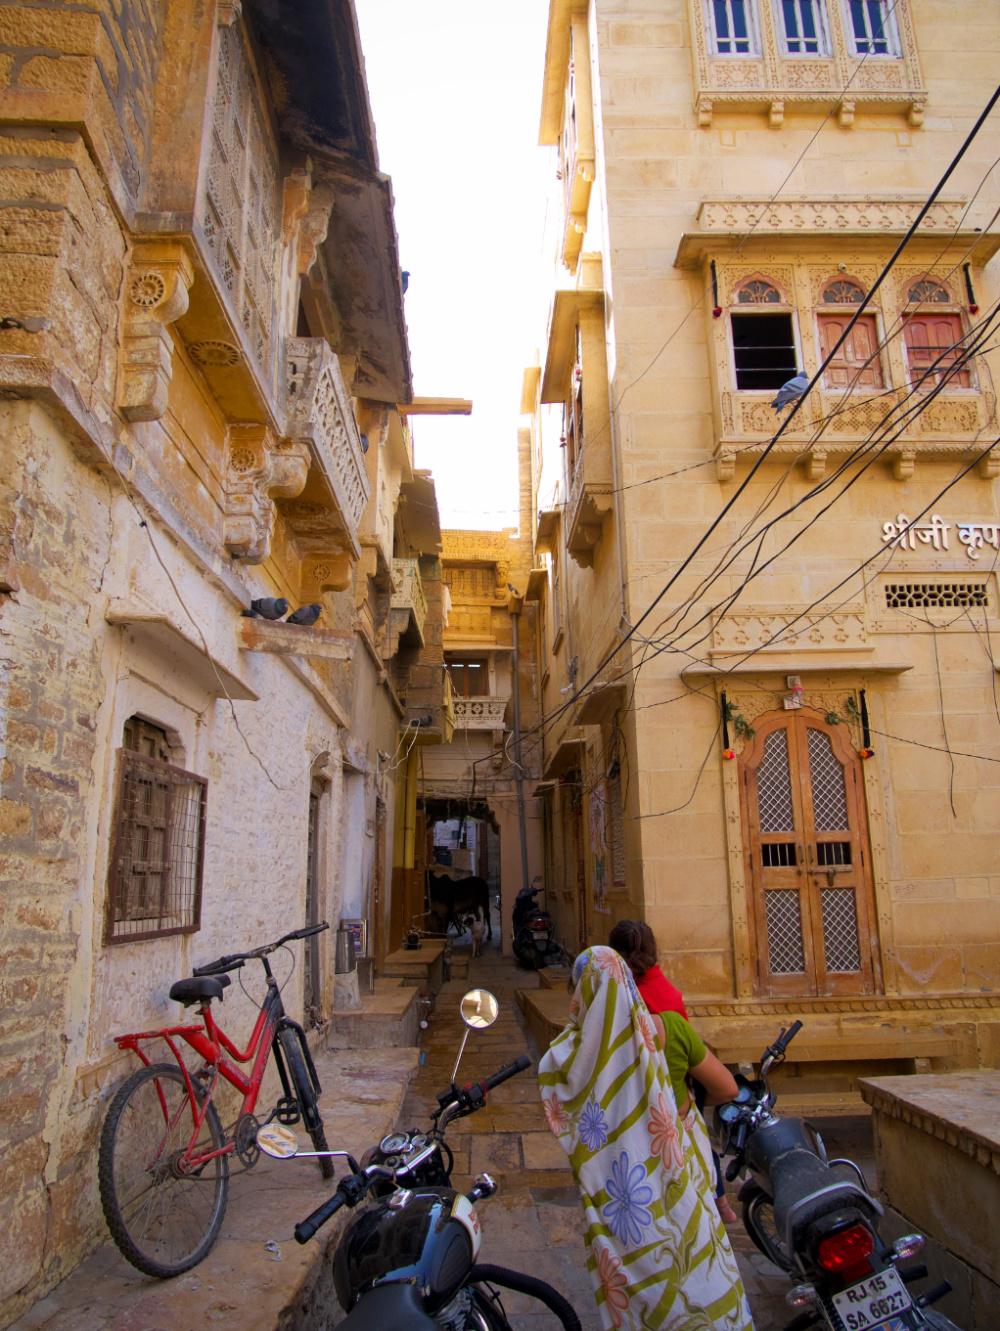 551-India-Jaisalmer